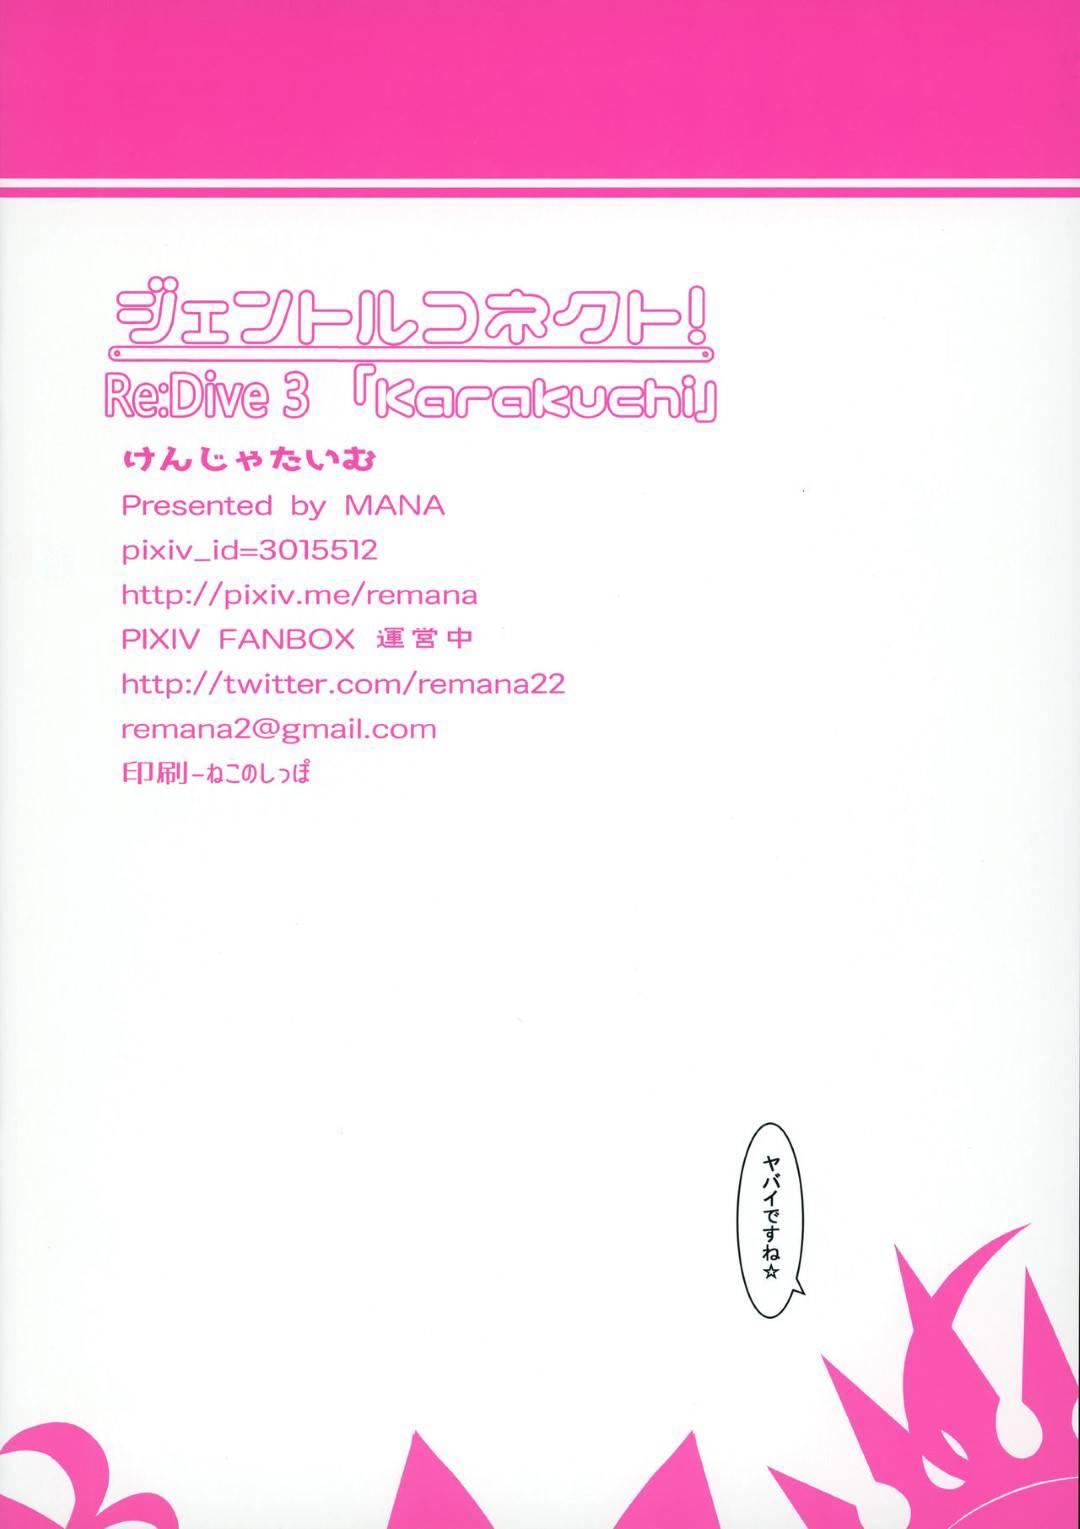 【エロ同人誌】子供たちのために条件を飲み元部下とセックスをしてしまう元副団長サレン…嫌々ながらもしっかりフェラをして処女マンコに中出し!しかし快楽を知ってしまいそれから元部下のチンポを求めてしまう!【けんじゃたいむ (MANA):ジェントルコネクト!Re:Dive 3 「Karakuchi」 /プリンセスコネクト!Re:Dive】